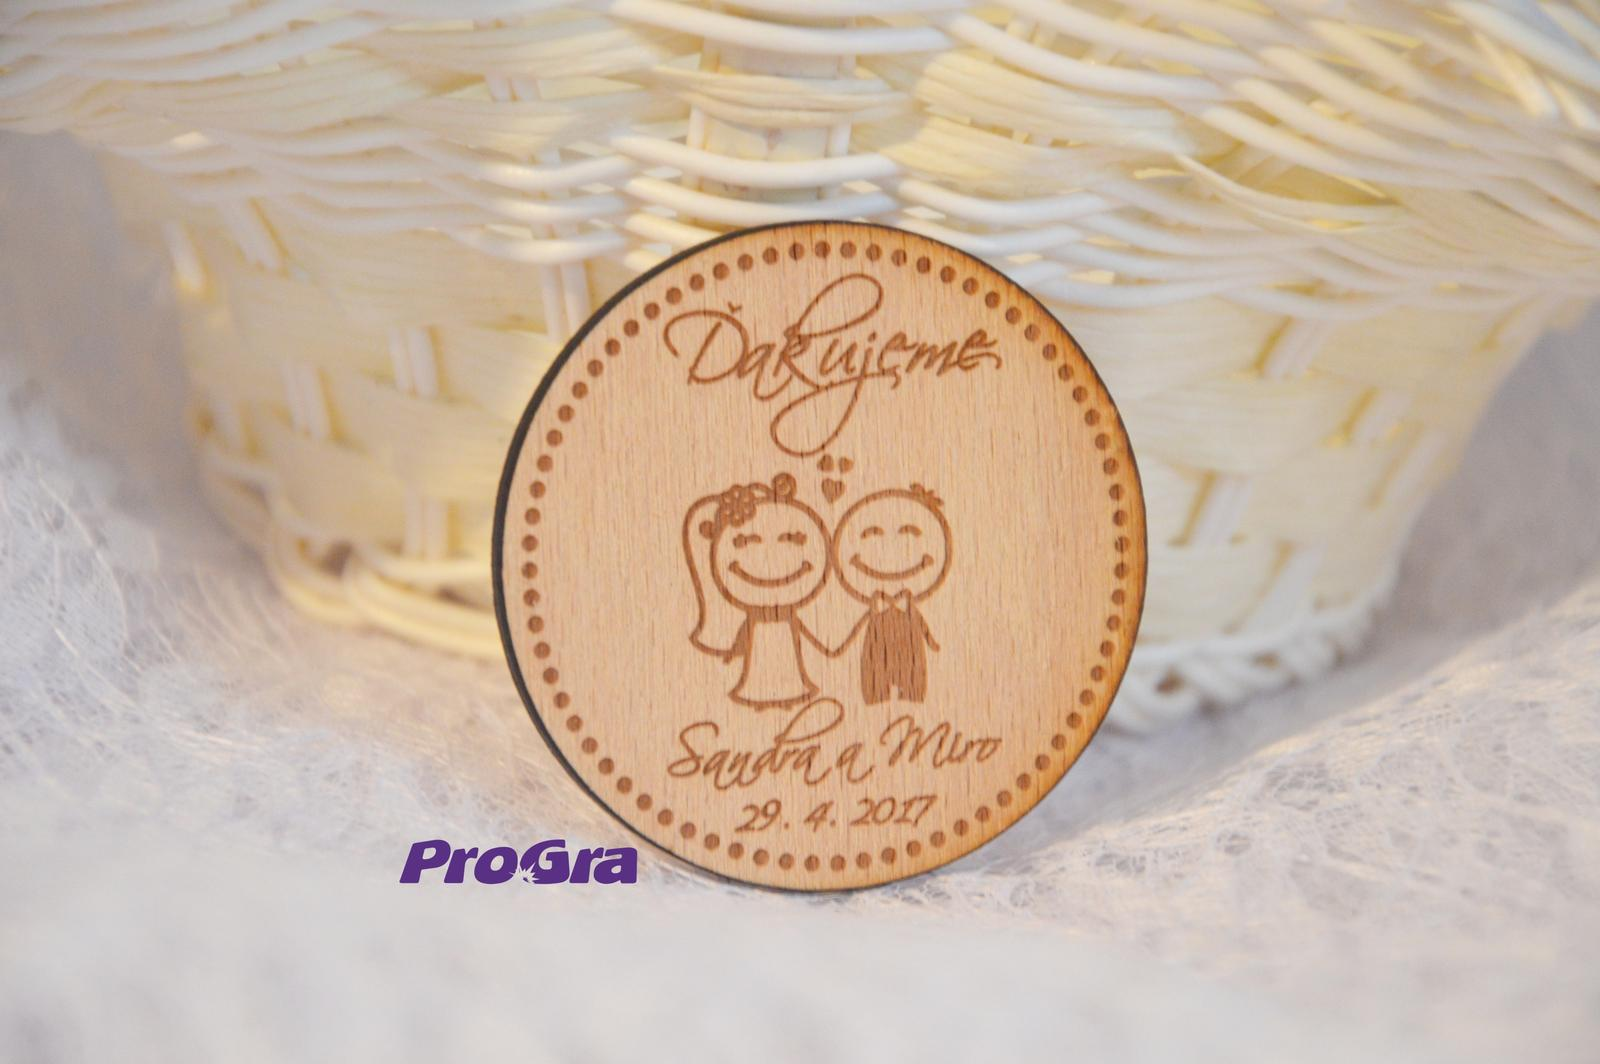 Originální Svatební Doplňky - Malý dřevěný magnet se svatebním tématem nevěsty a ženicha